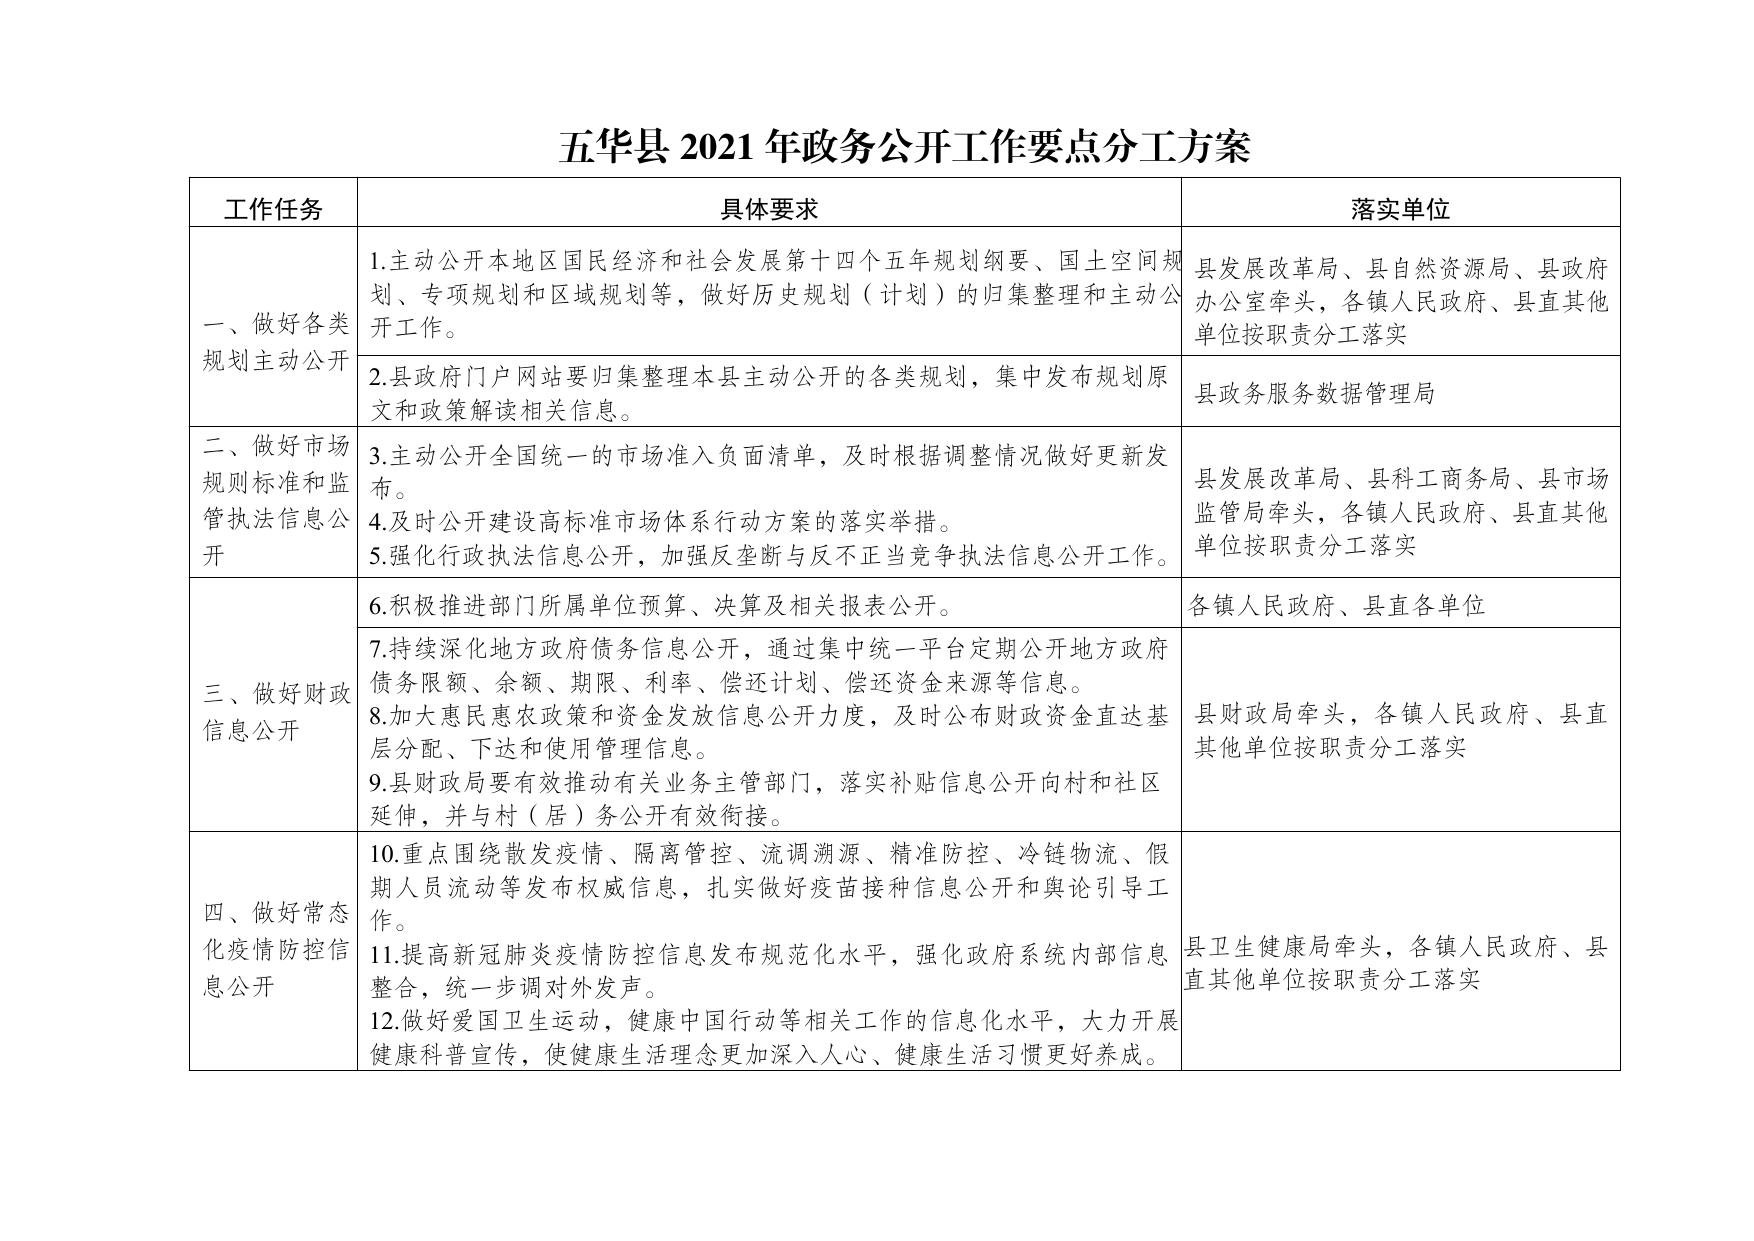 五华县人民政府办公室关于印发五华县2021年政务公开工作要点分工方案的通知0000.jpg